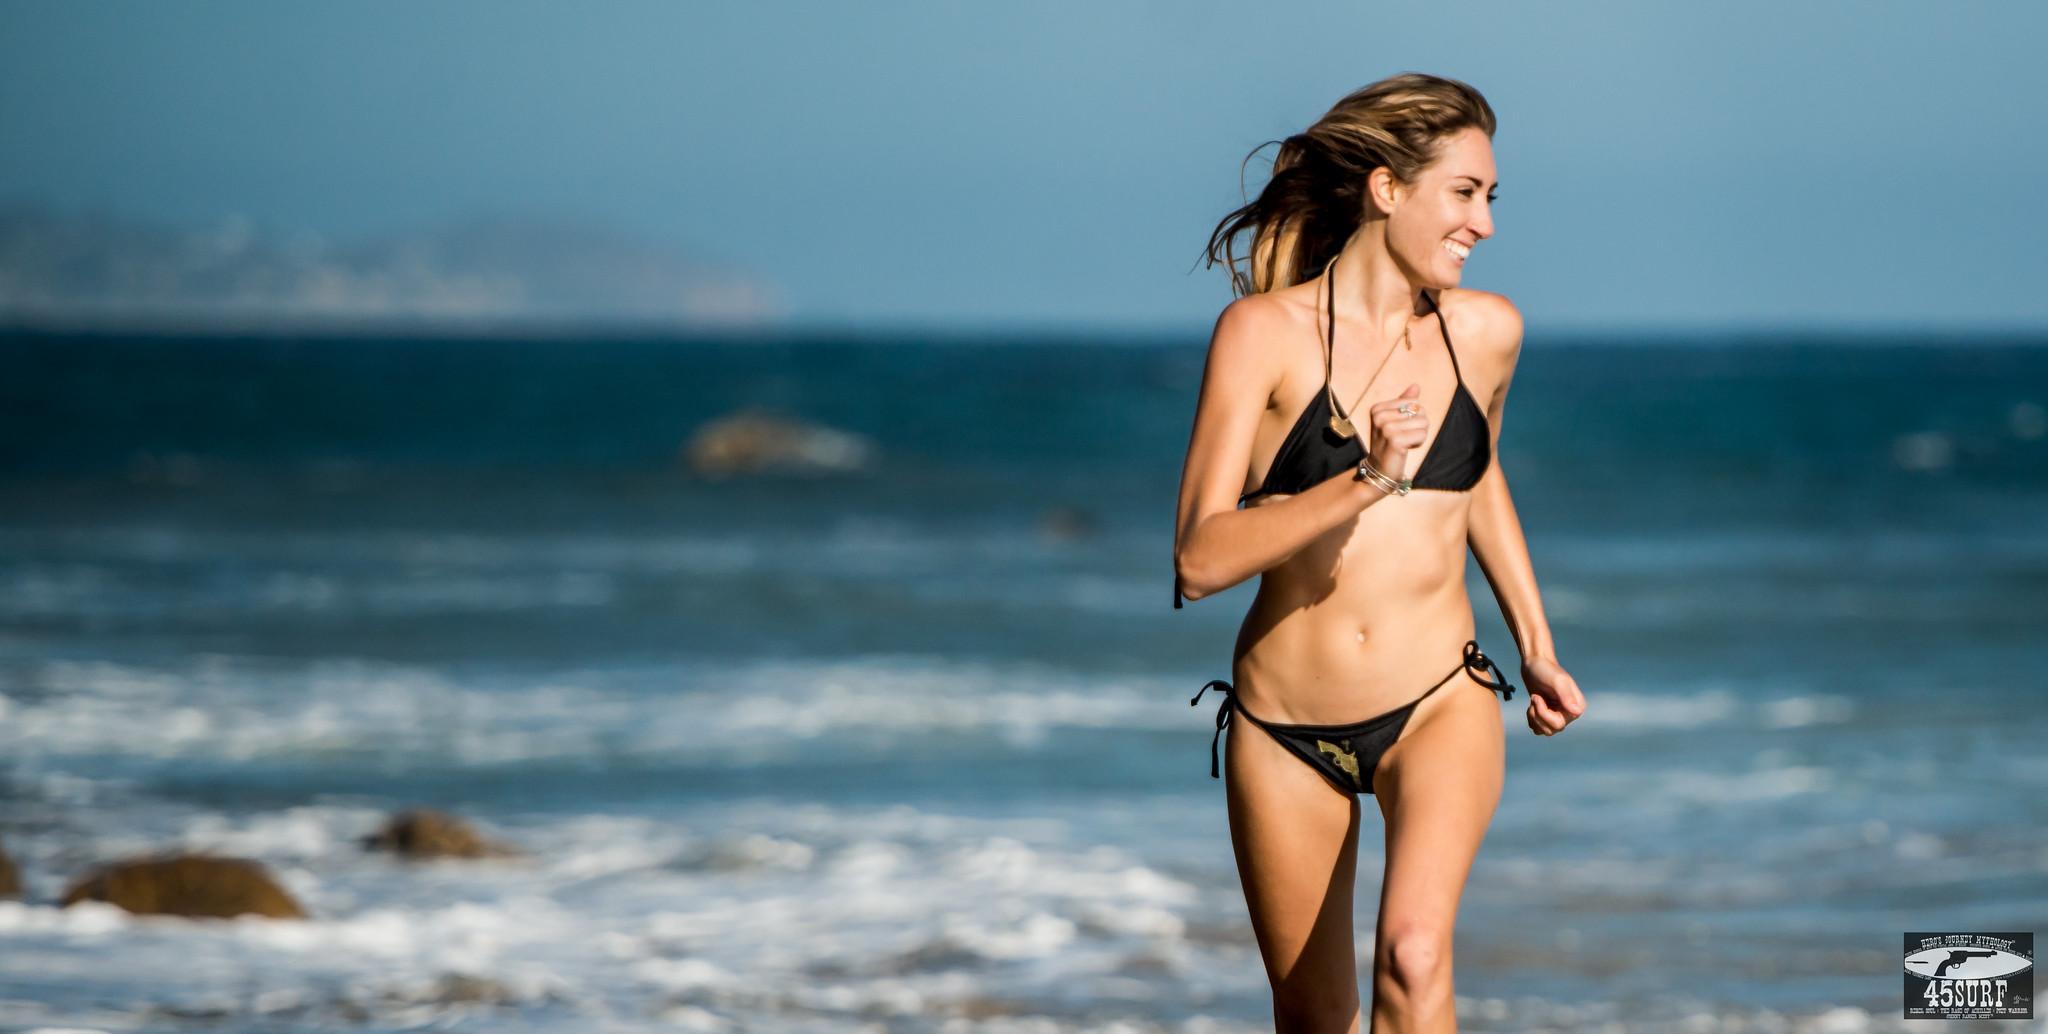 Nikon D800E Photos Pretty Blond Swimsuit Bikini Model Goddess! Gorgeous Green Eyes! Sharp Nikkor 70-200mm VR 2 F2.8 Lens!